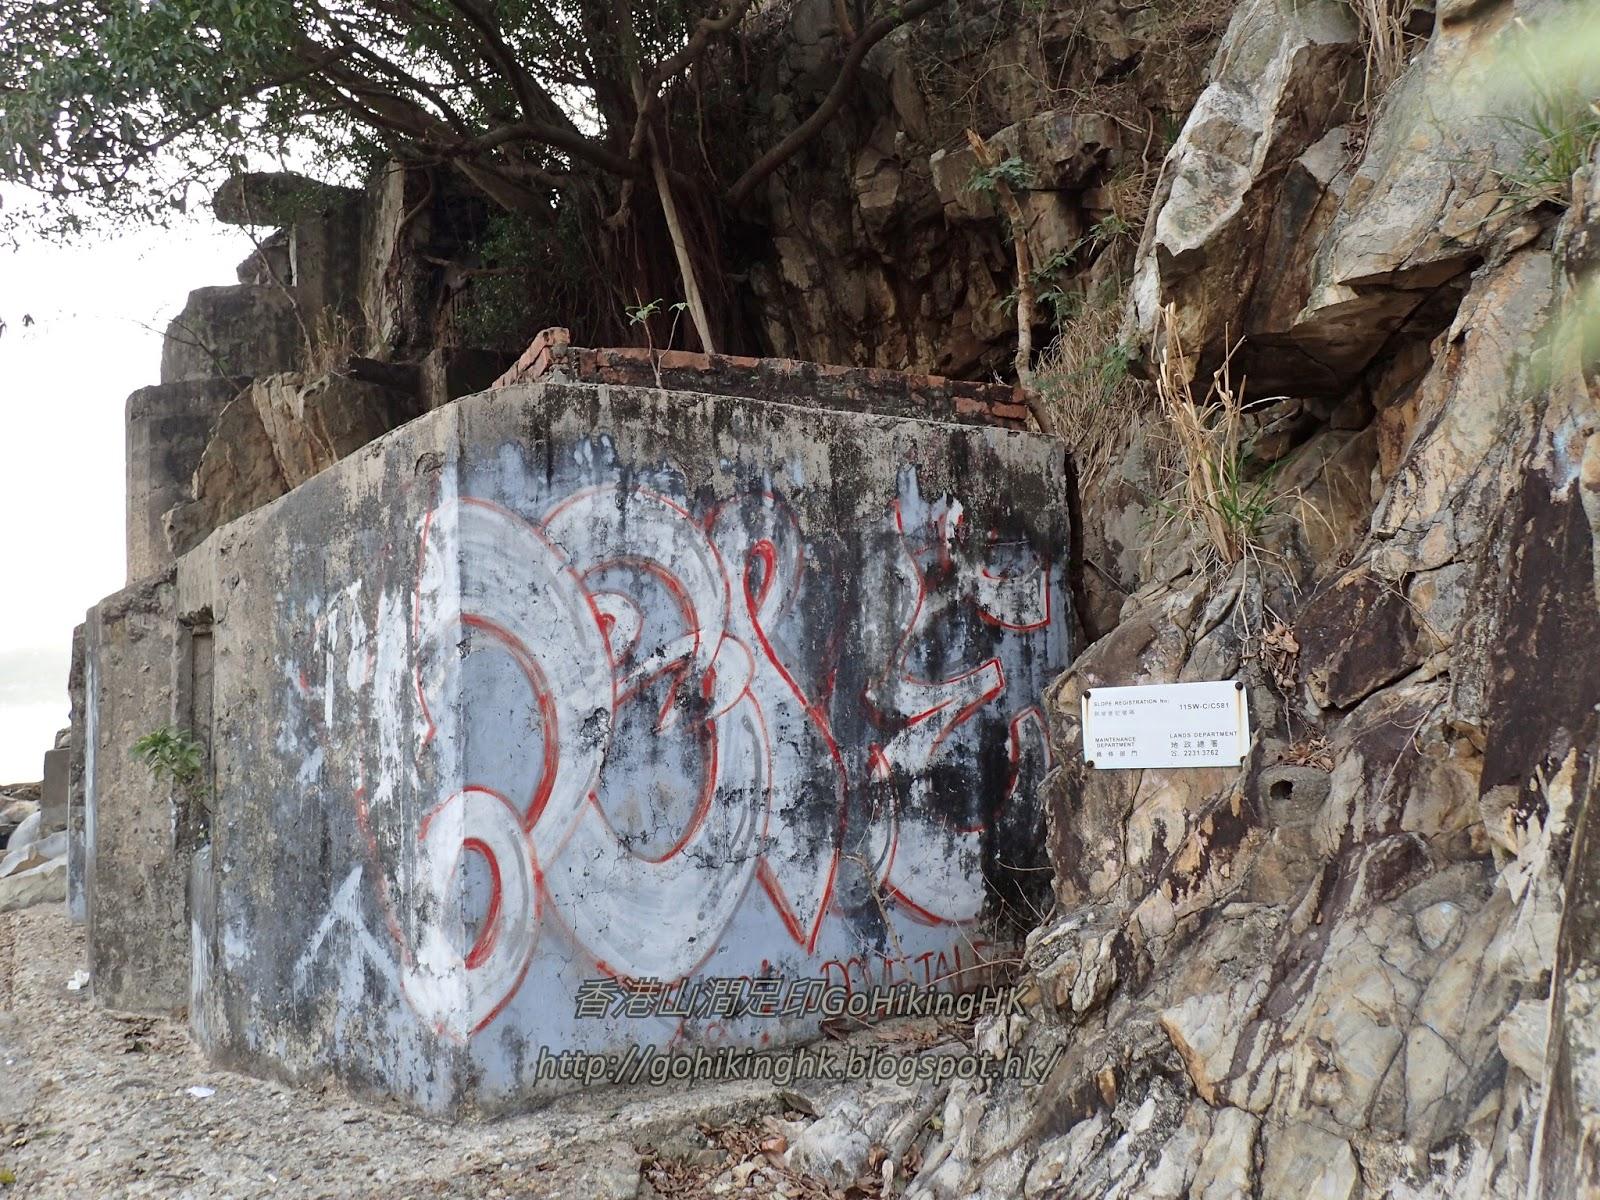 香港山澗足印 GoHikingHK: 置富谷(牛場遺址),瀑布灣碉堡 -- 半天遊